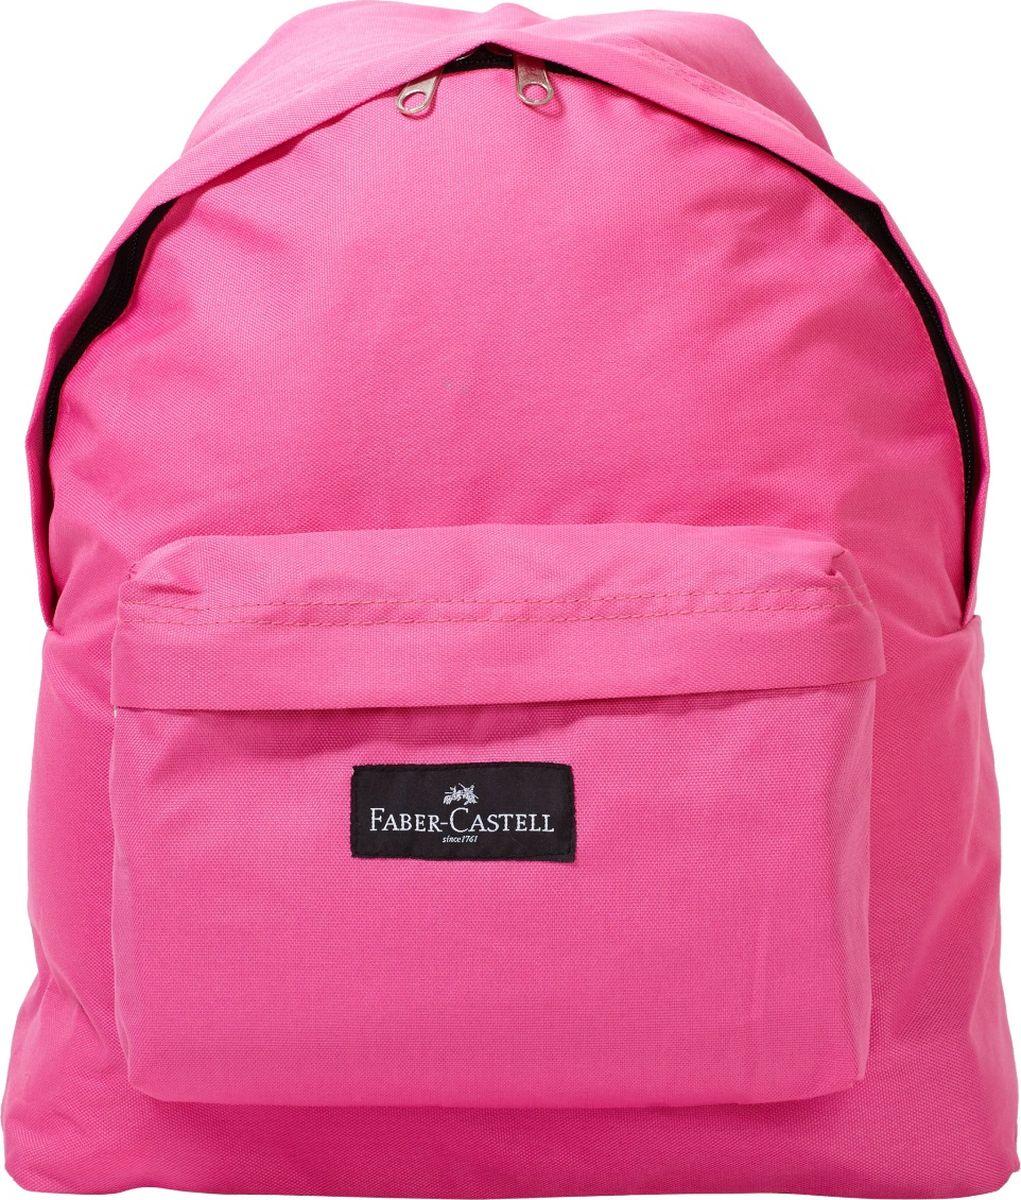 Faber-Castell Рюкзак цвет розовый573228Рюкзак Faber-Castell имеет одно большое основное отделение на застежке-молнии и карман на лицевой стороне. У рюкзака удобные лямки.Изделие выполнено текстильных материалов с водоотталкивающим покрытием.